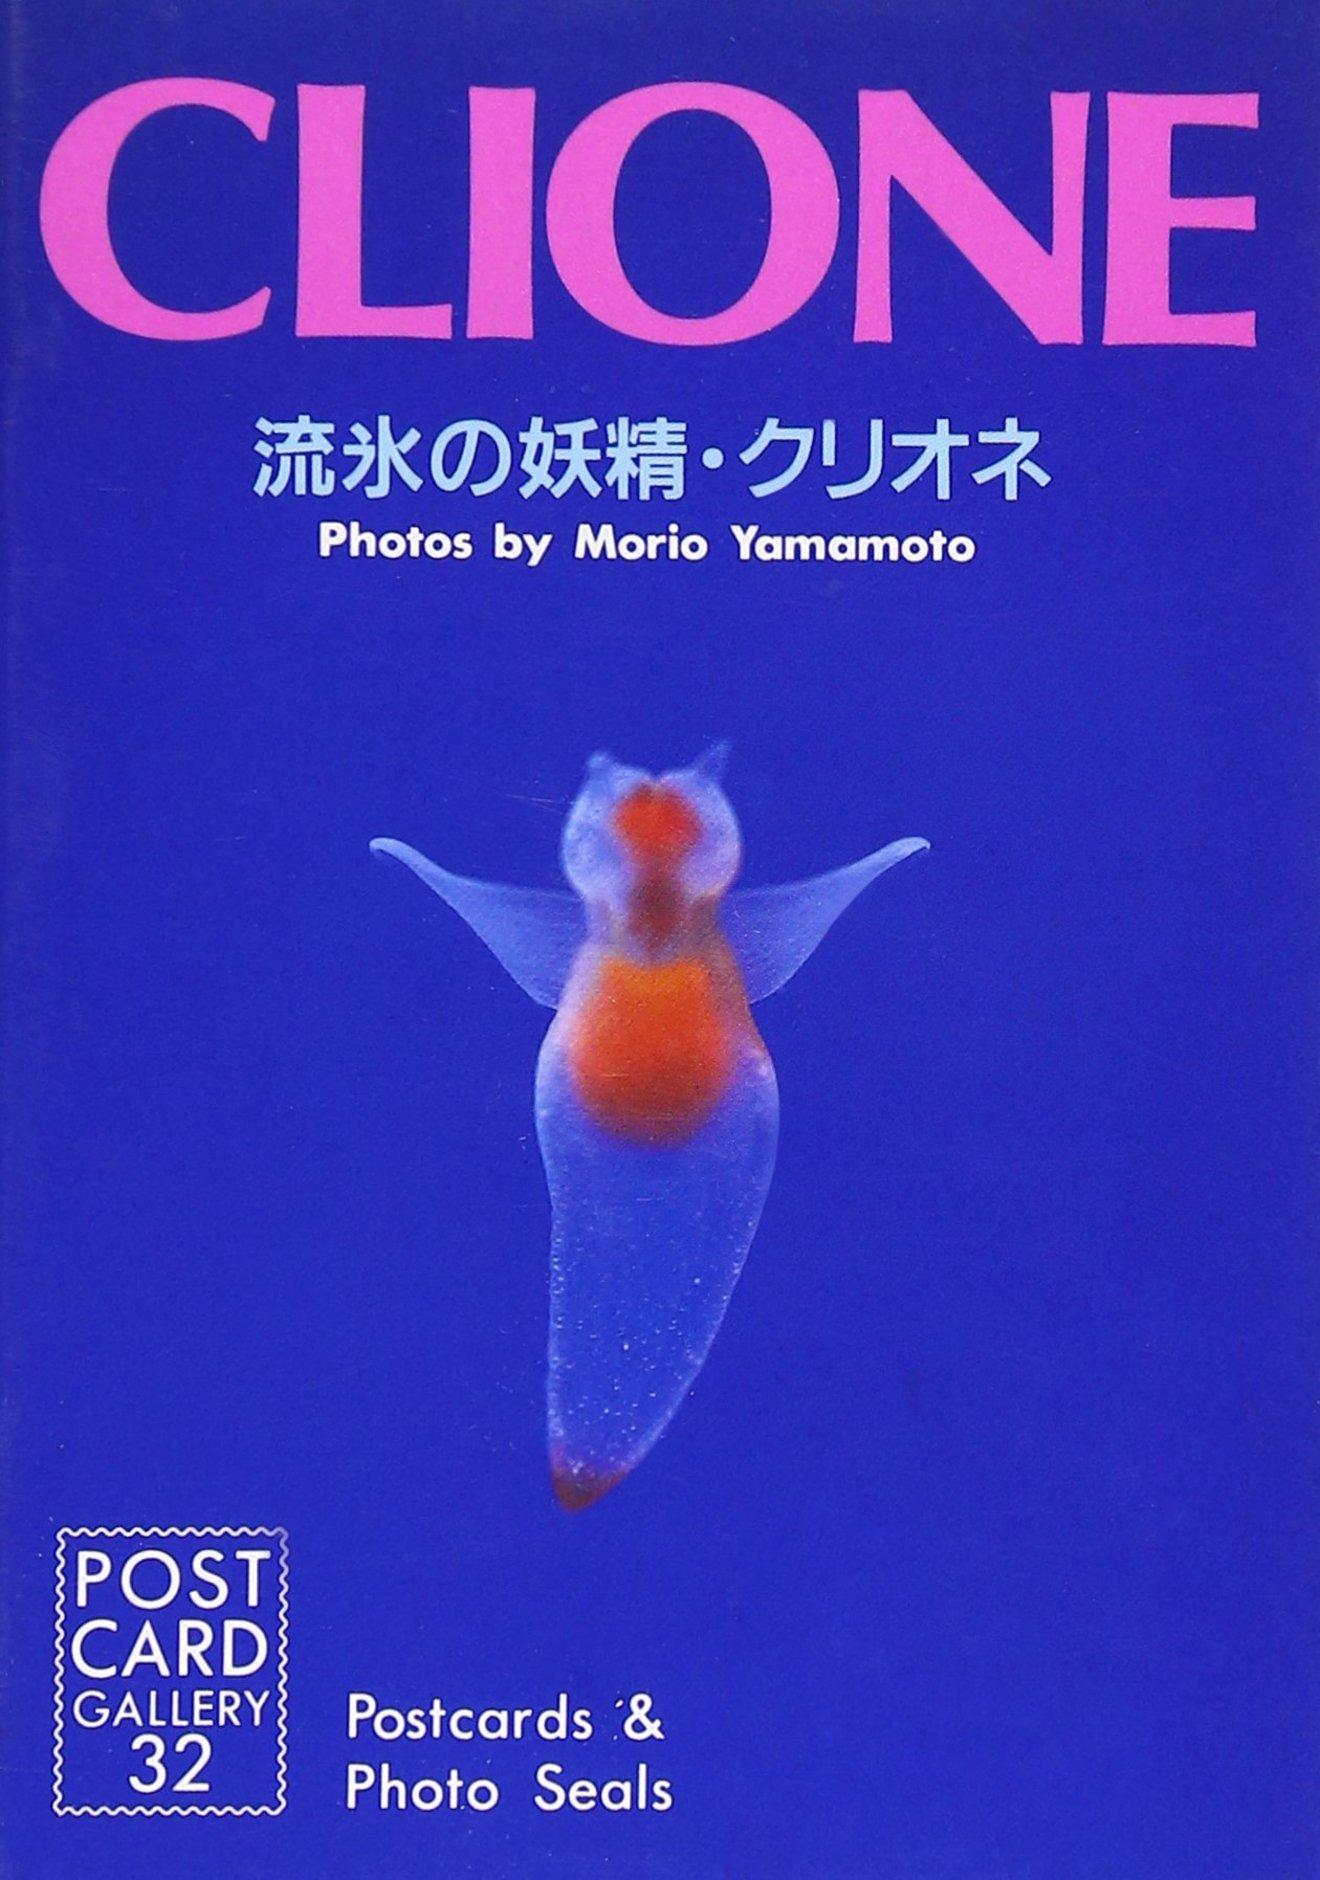 珍しすぎるクリオネの生態を紹介!透明な理由、食べ物や飼育のコツなどを解説